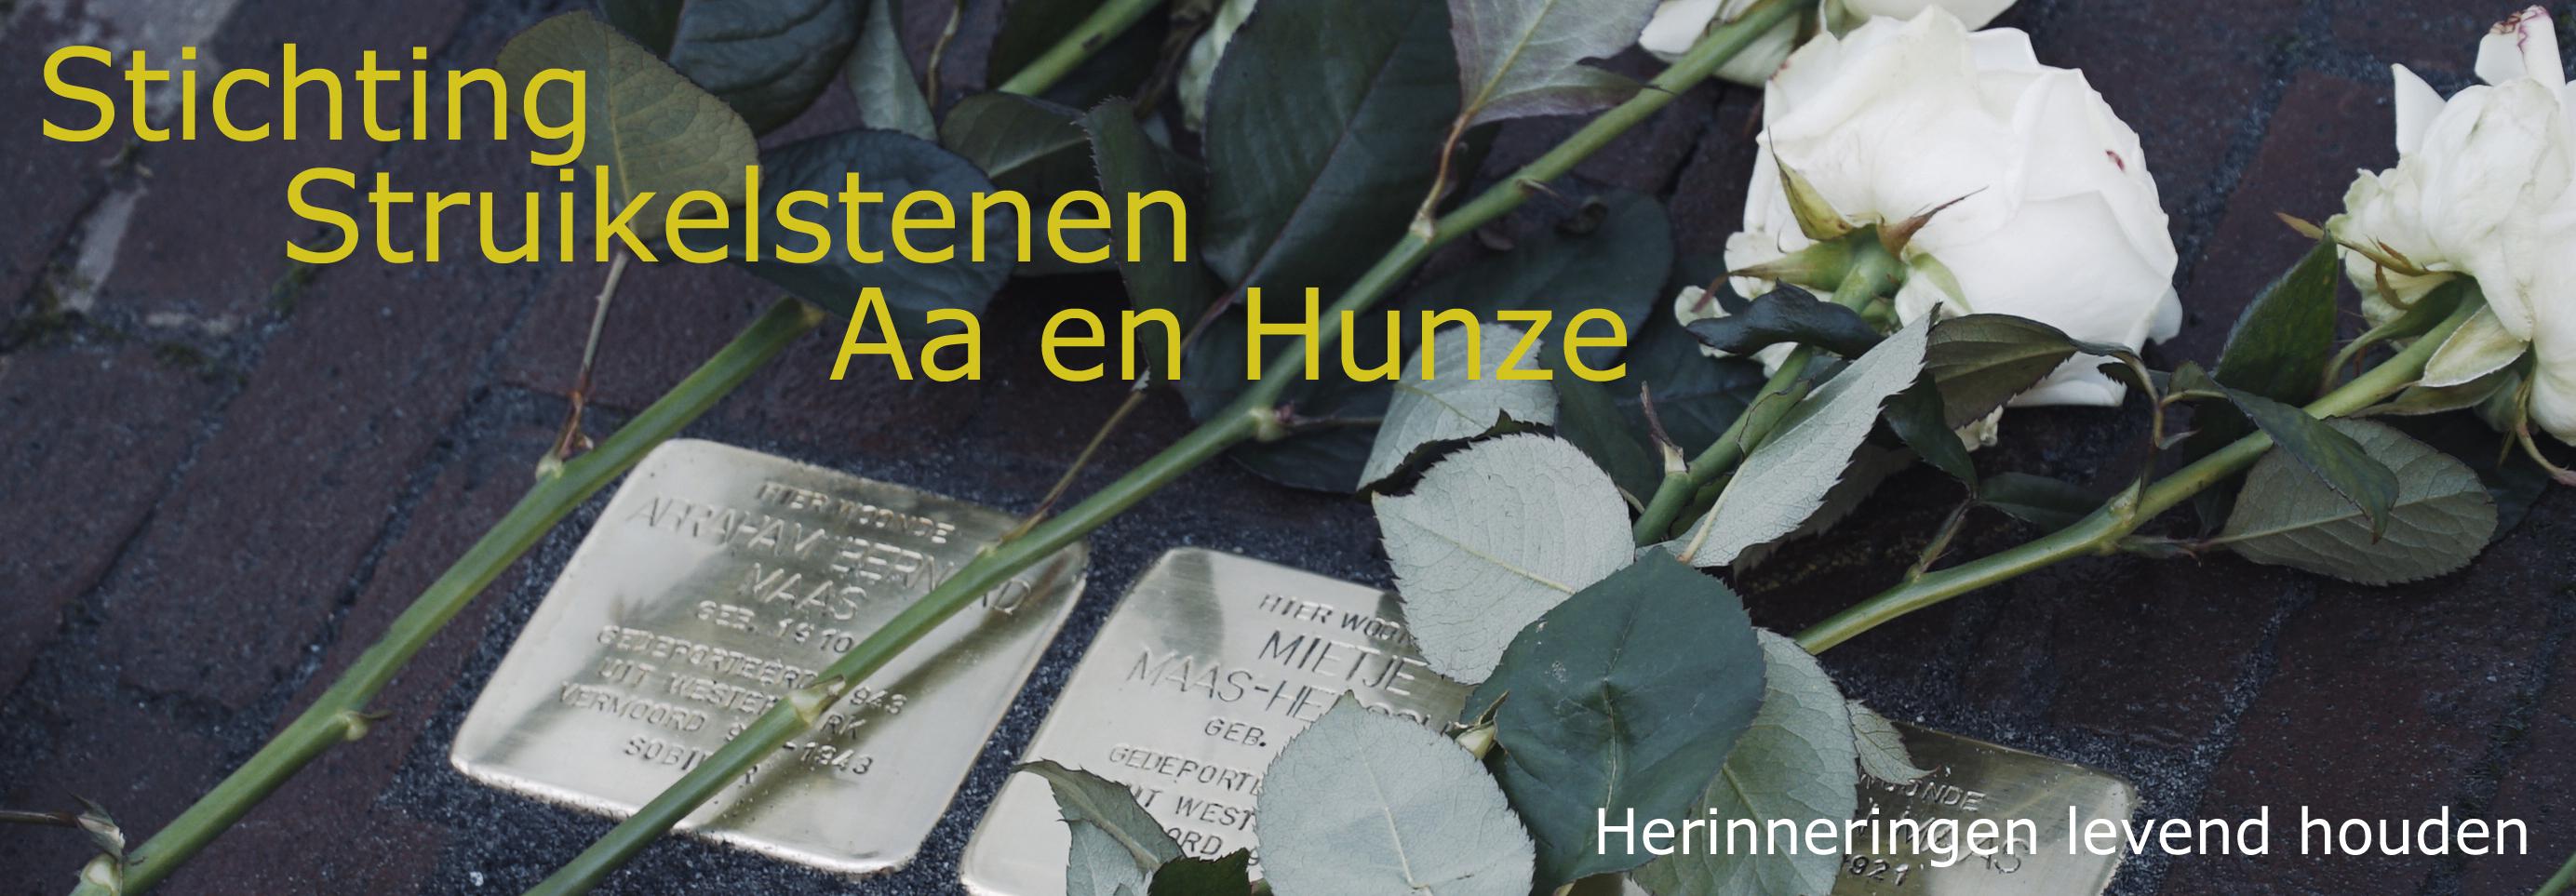 Stichting Struikelstenen Aa en Hunze